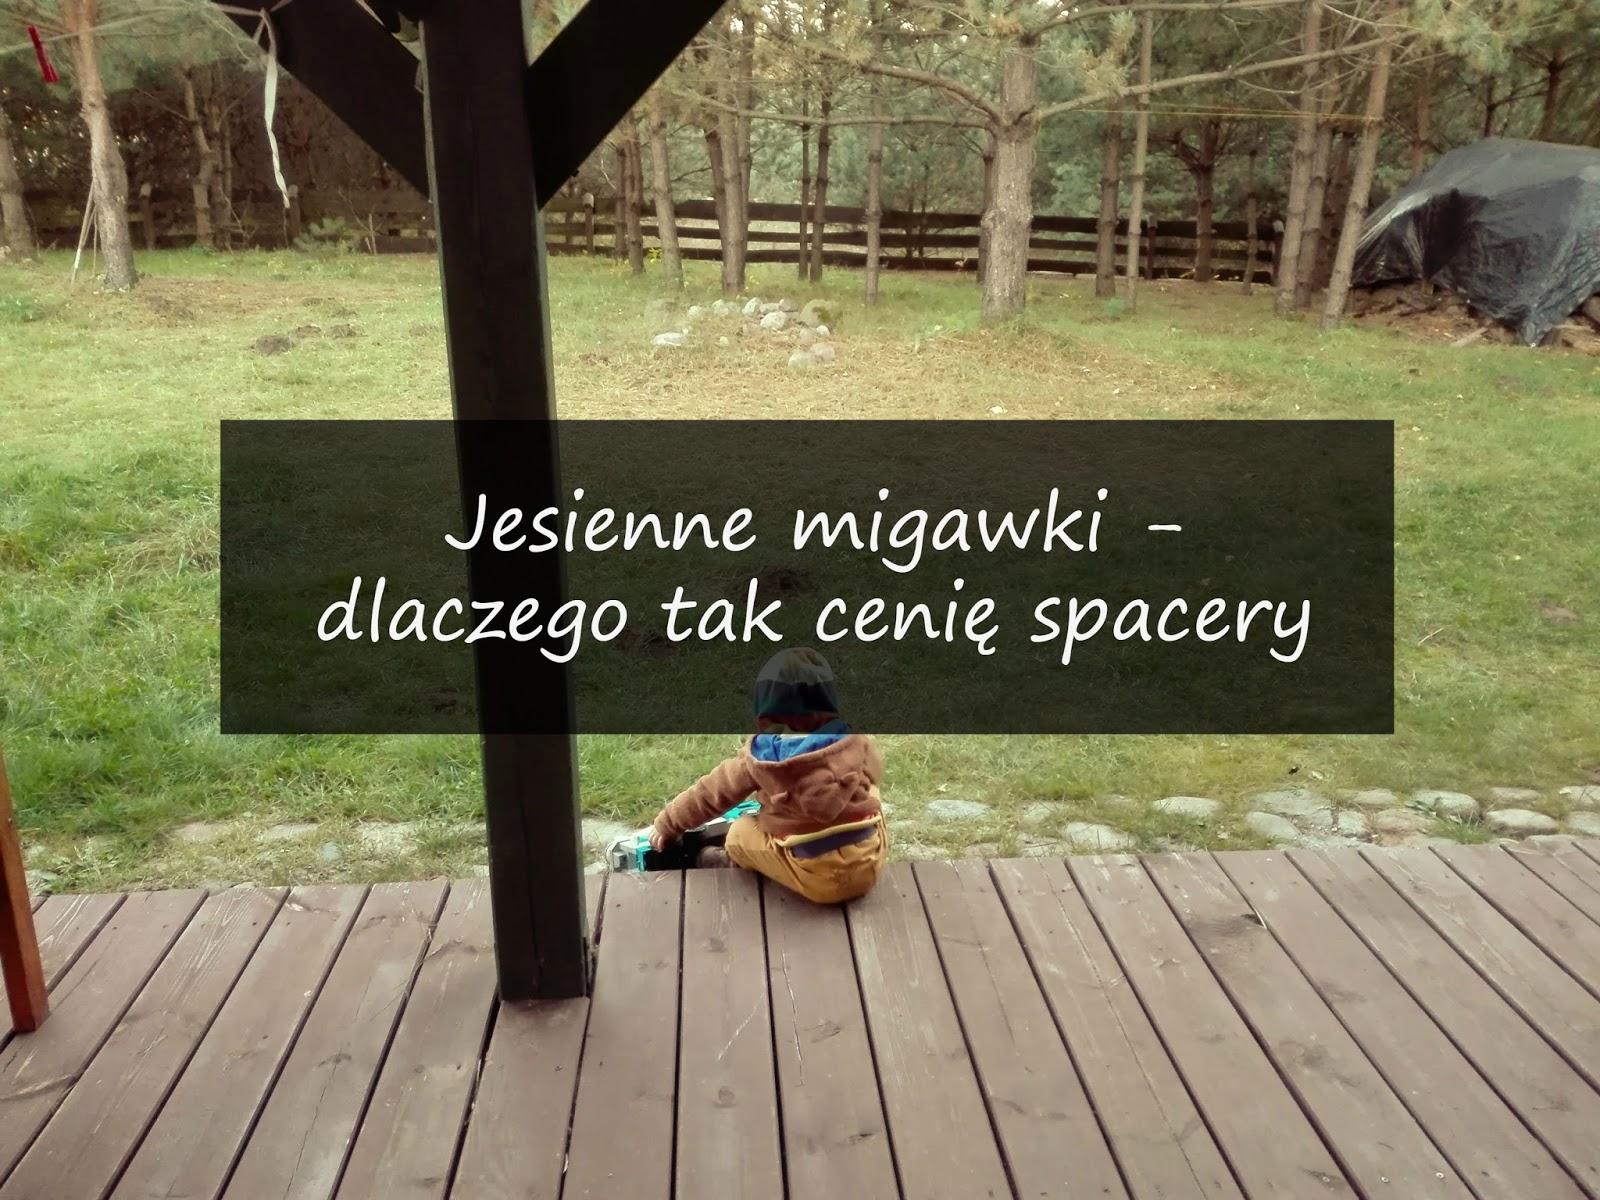 Jesienne migawki, spacery, Sprytny Lisek